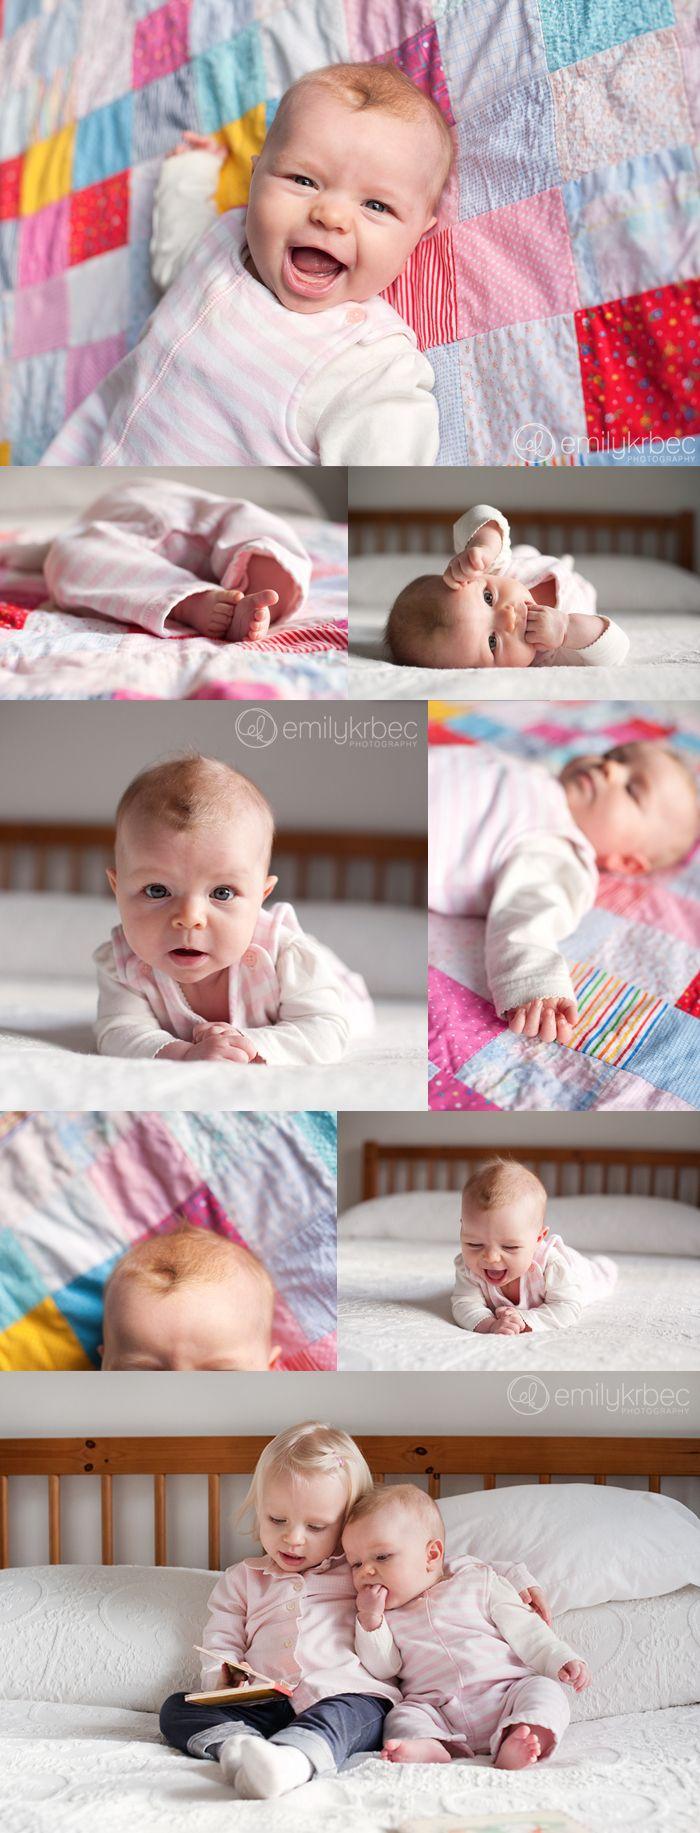 3 months photos :)